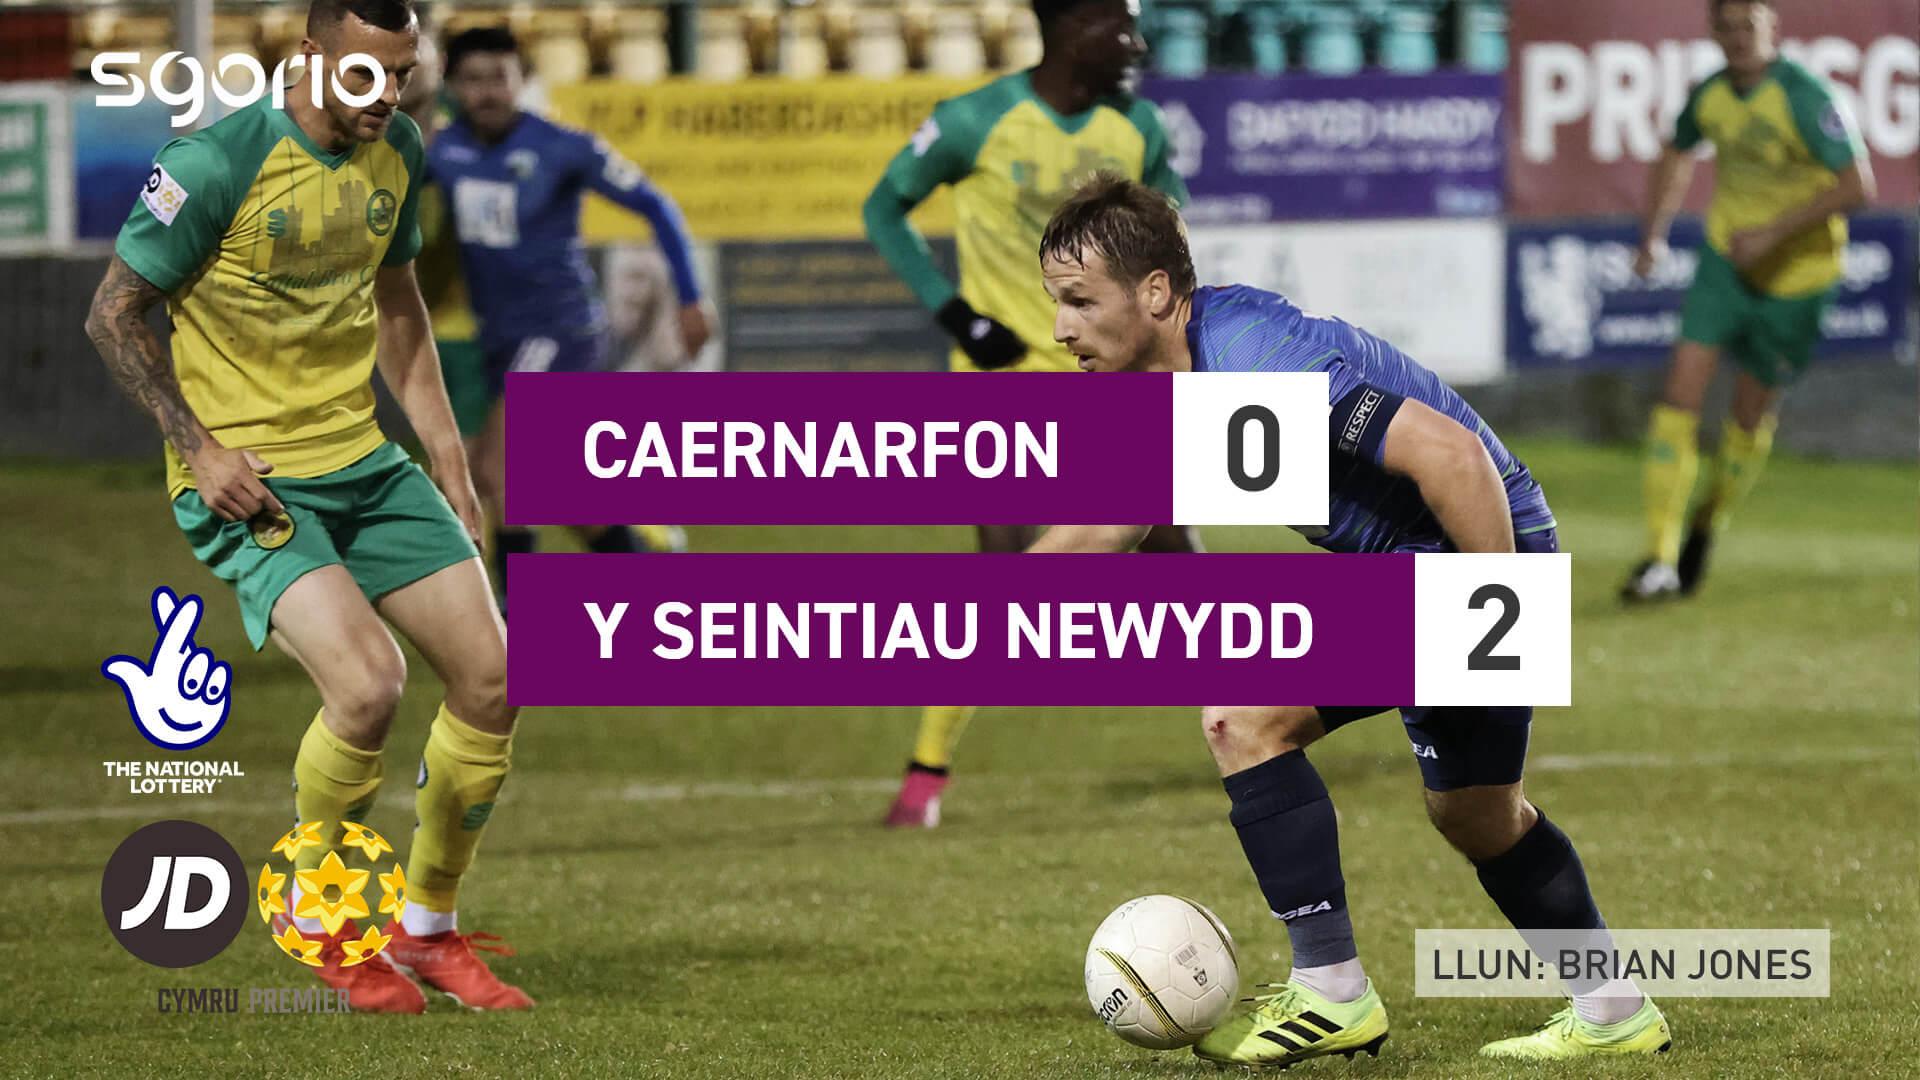 Caernarfon 0-2 Y Seintiau Newydd